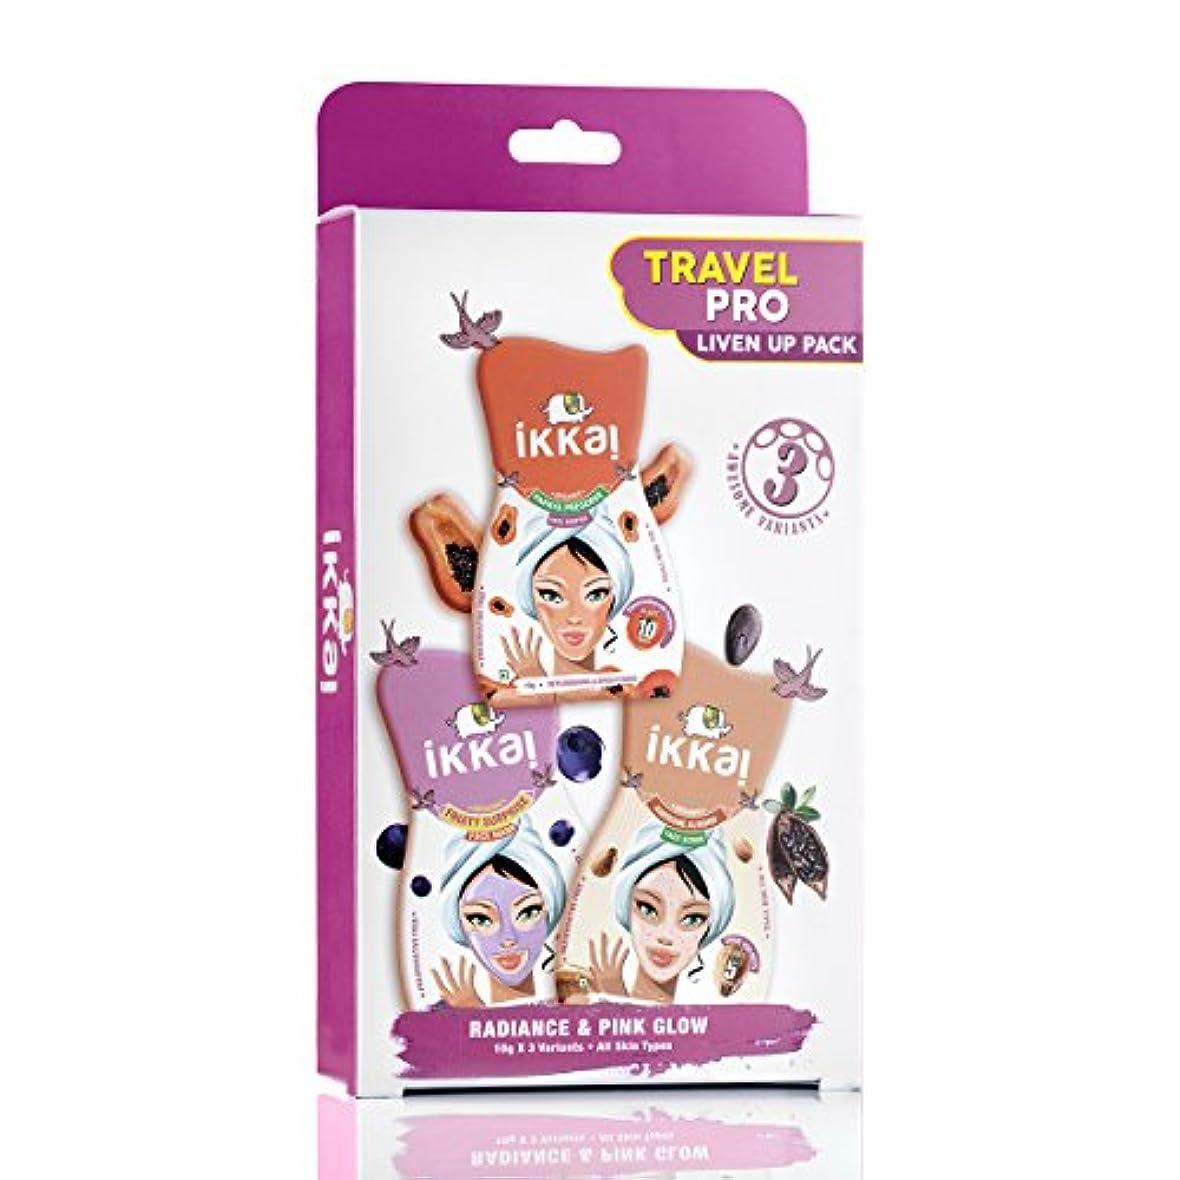 グローブ差し引く愚かなIkkai by Lotus Herbals Travel Pro Liven Up Pack (1 Face Mask, 1 Face Scrub and 1 Face Souffle)